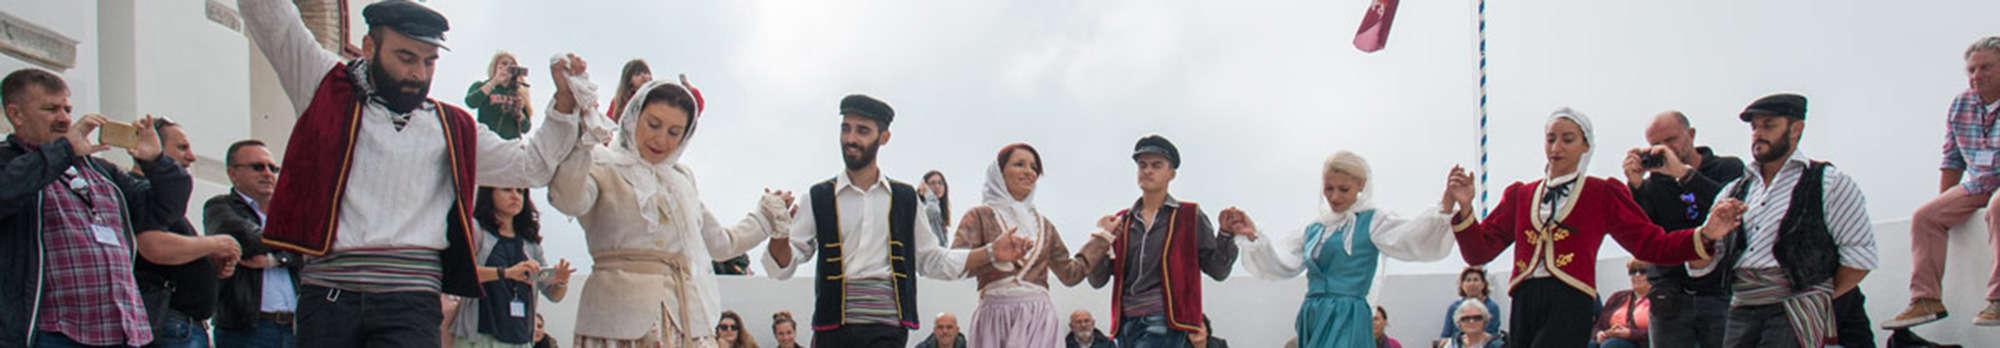 greekdance-main